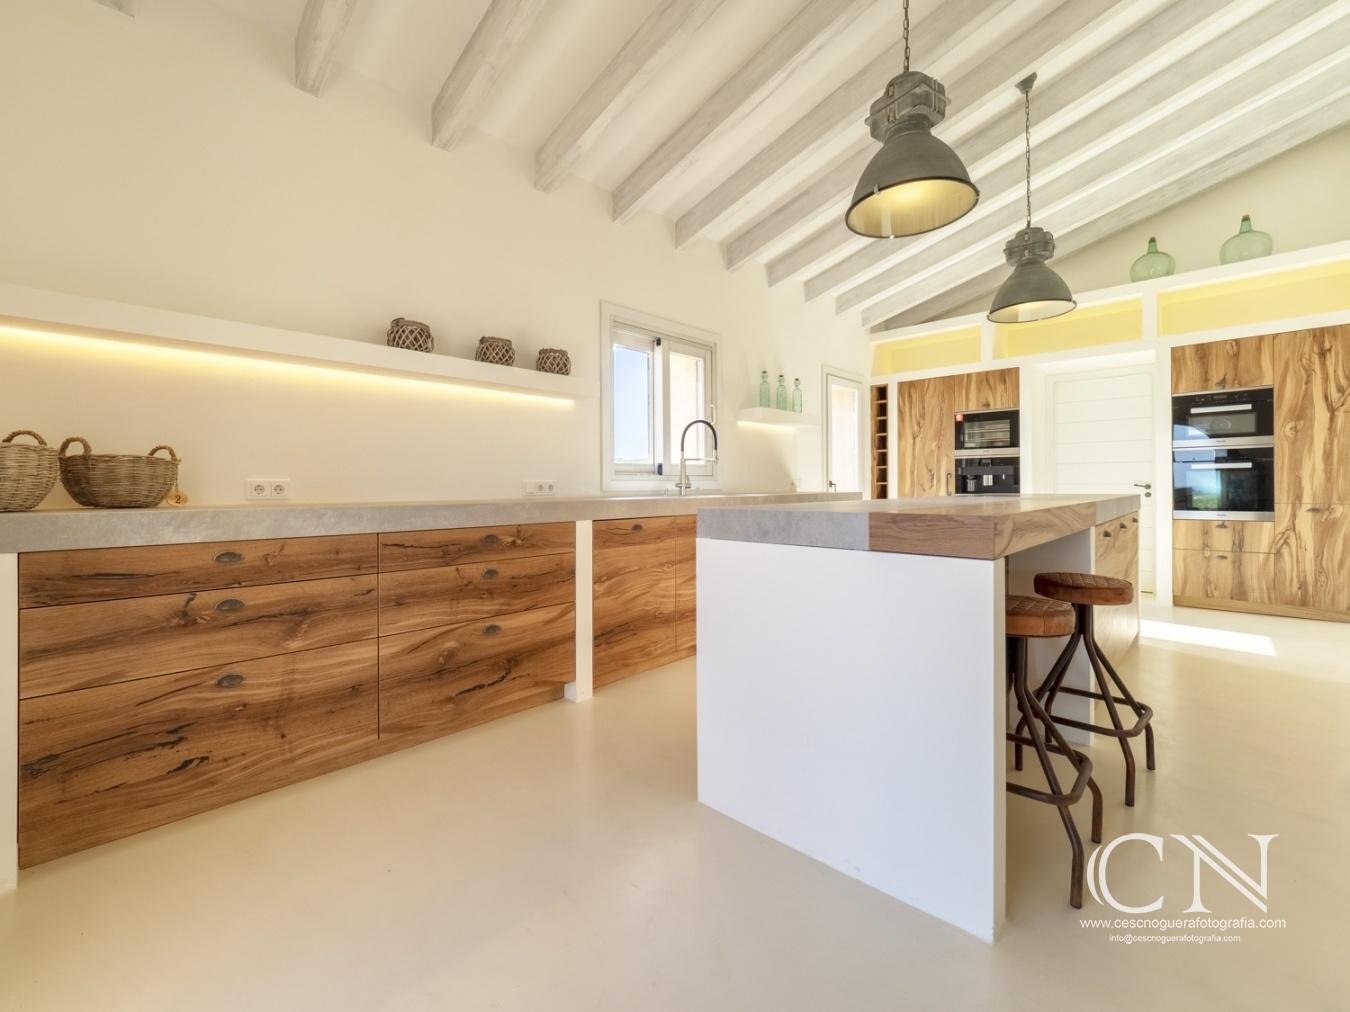 Real Estate Photography  - Cesc Noguera Fotografia, Quan la fotografia és una passió.,  Architectural & Interior design photographer / Landscape Photography.